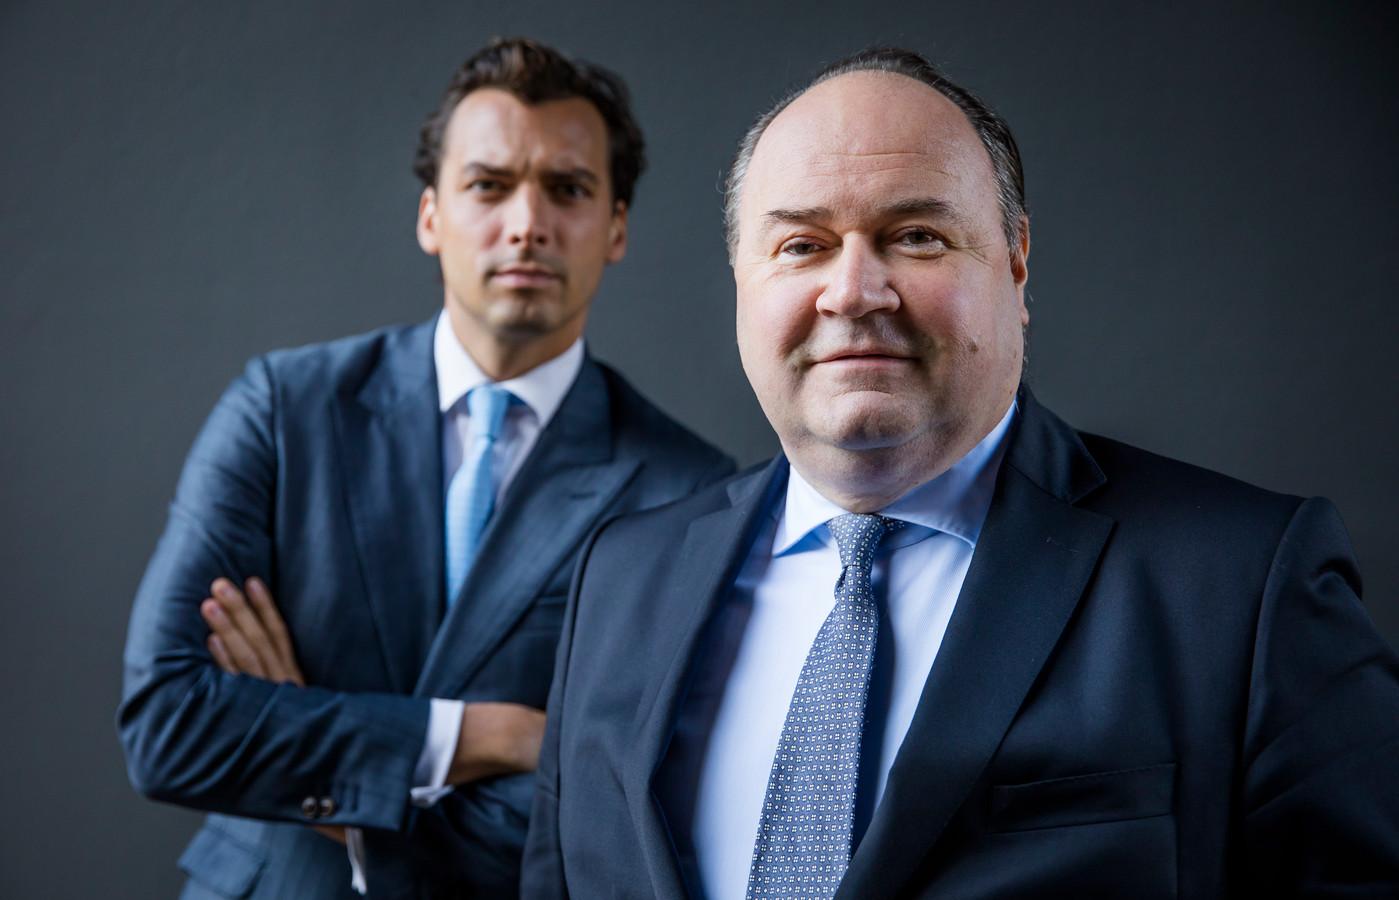 Thierry Baudet en Henk Otten in 2018.